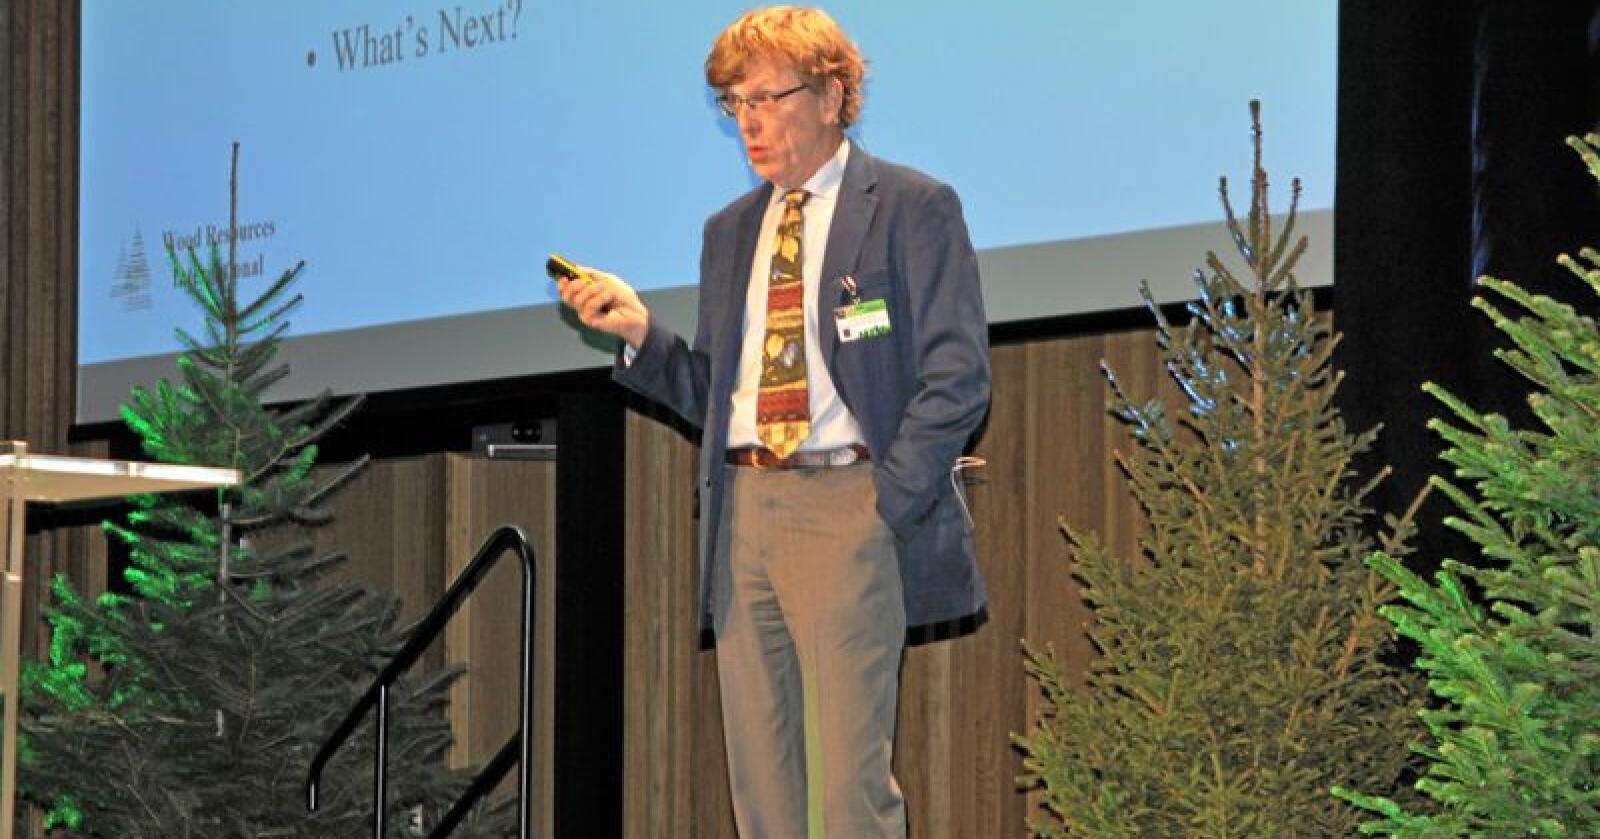 Håkan Ekström grunnlegger og president for det internasjonale konsulentfirmaet Wood Resources International mener norske skogbedrifter må begynne å utvikle flere produkter selv. Foto: Jon-Fredrik Klausen